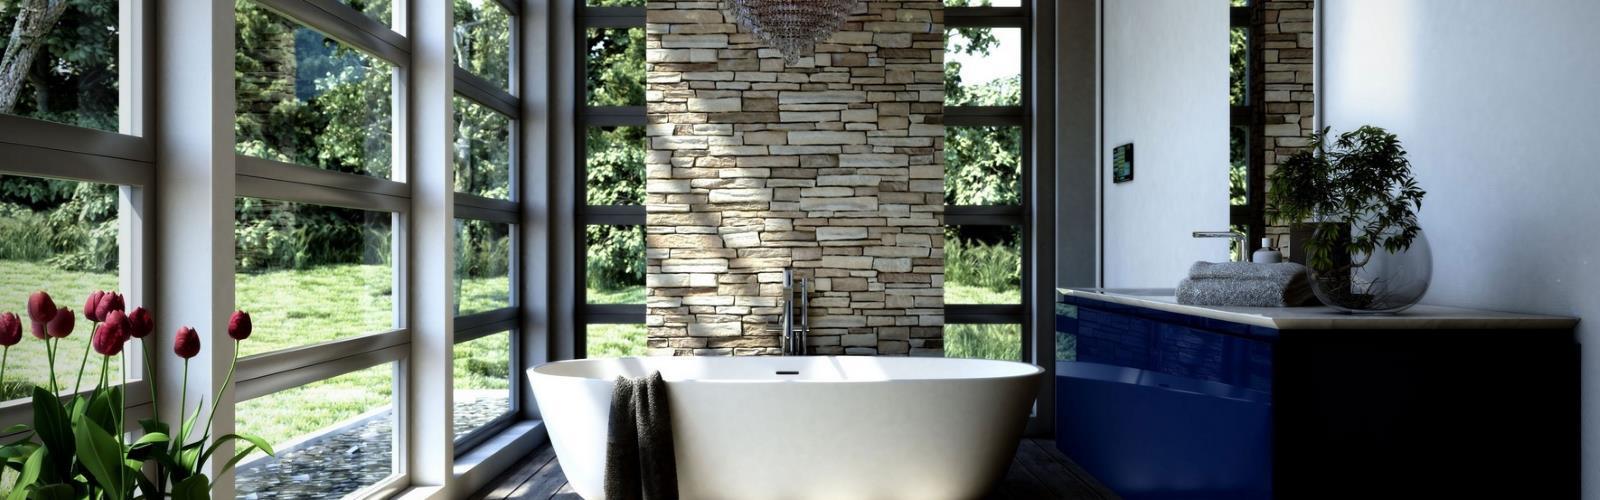 agencement salle de bain la roche sur yon